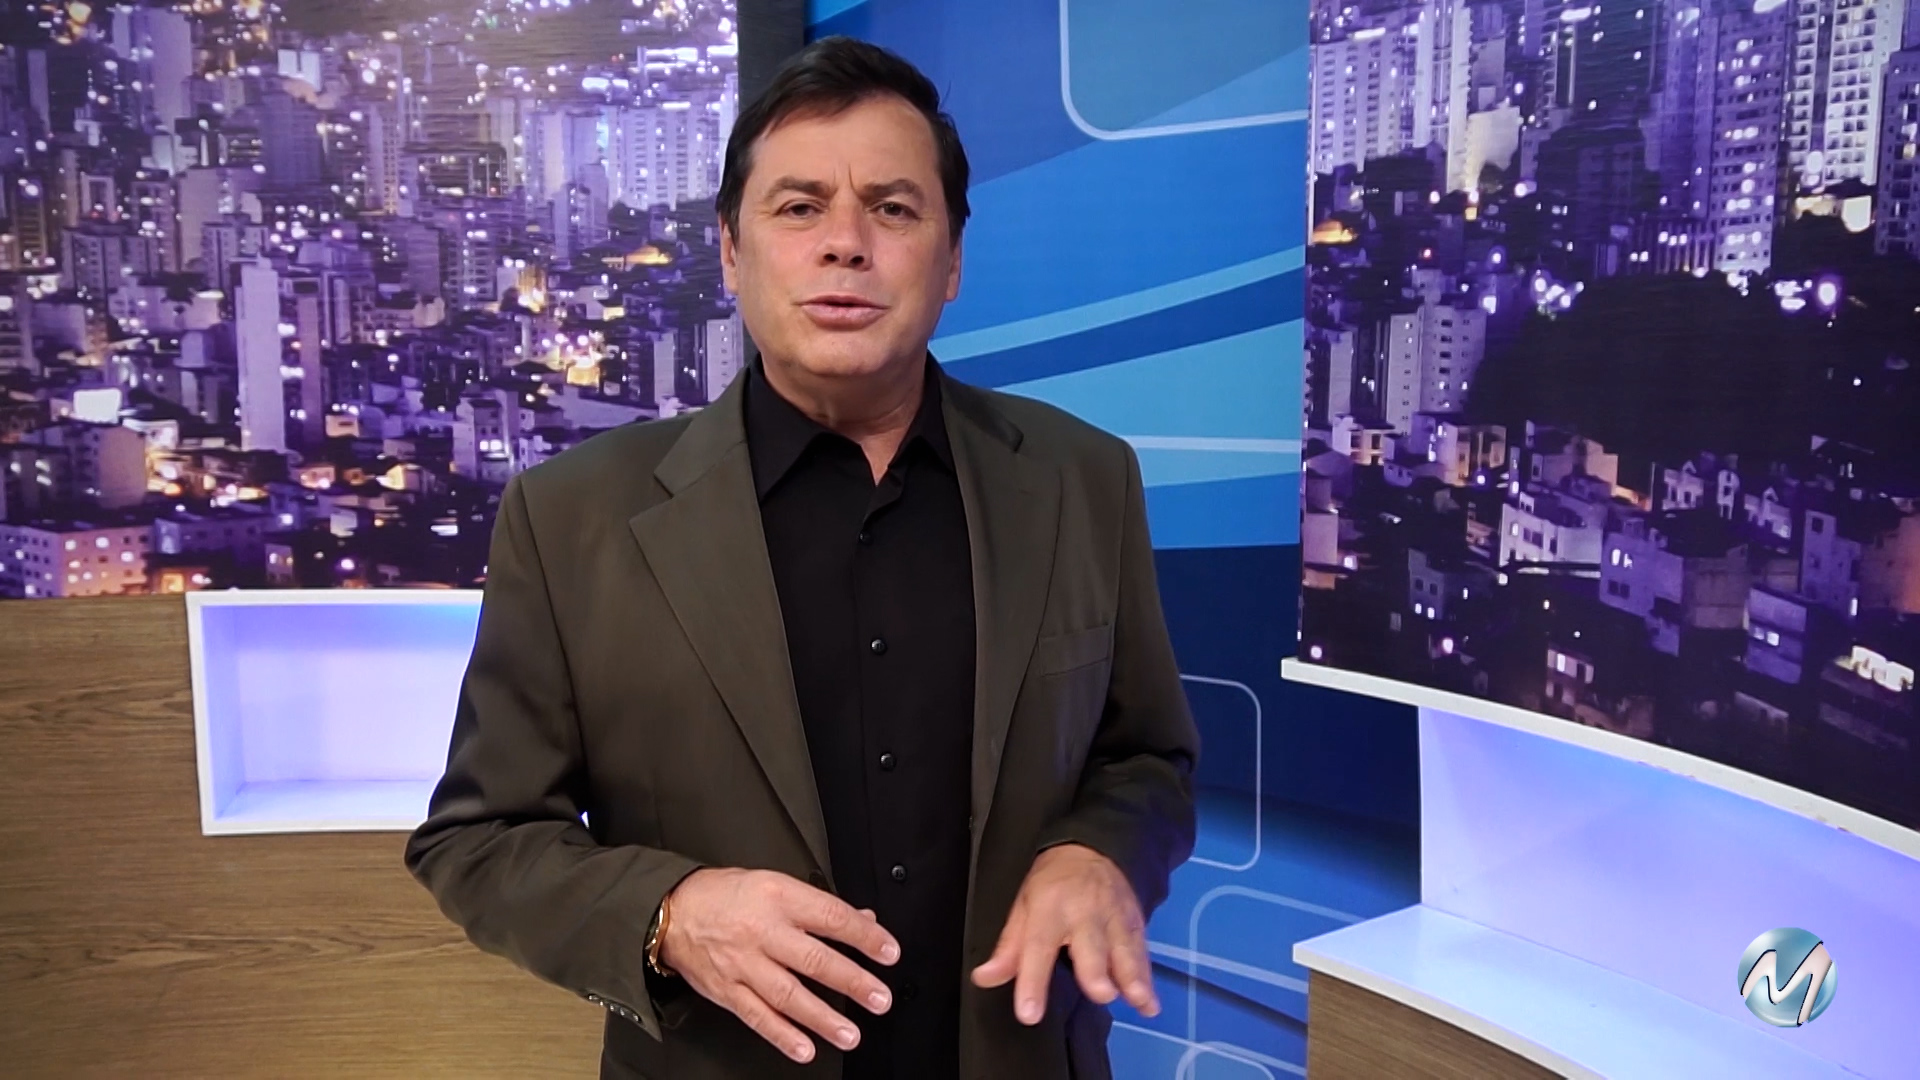 Fatos em Foco – 10/04/2021 – José Luiz Magrão traz as novidades do circuito social